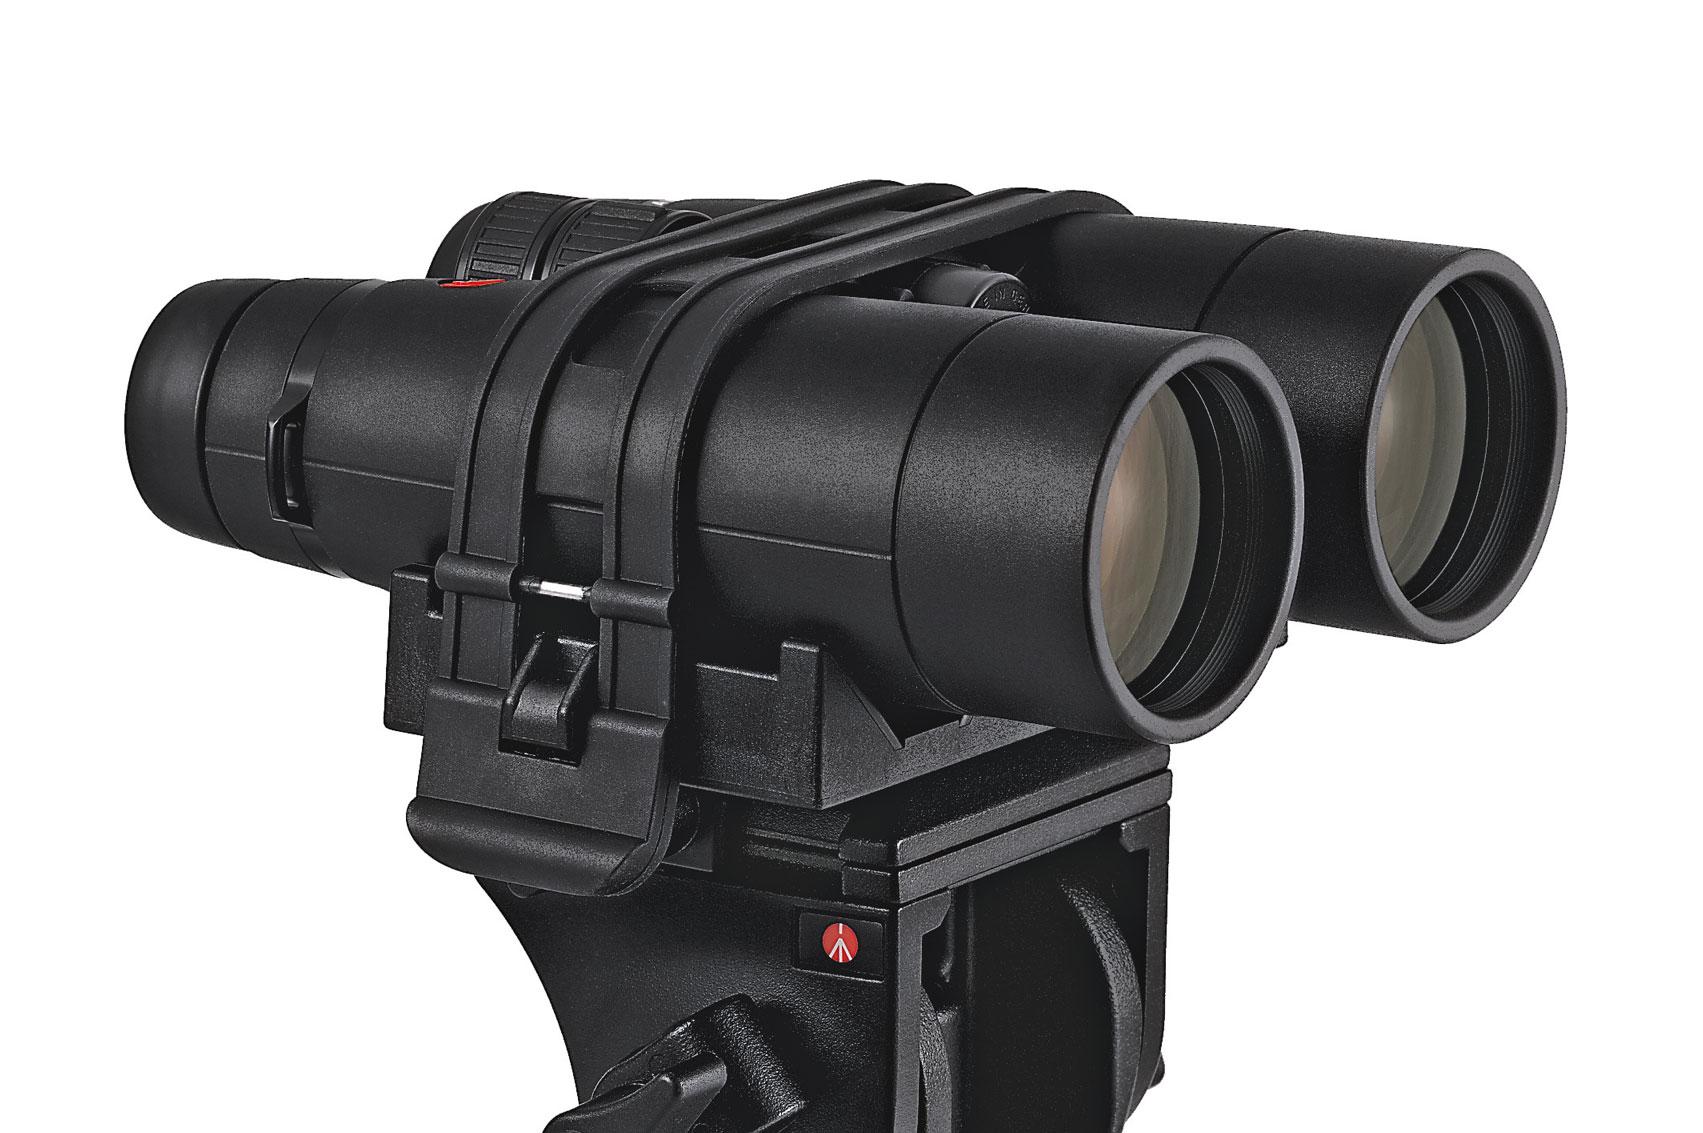 Ferngläser Mit Entfernungsmesser Wechseln : Stativadapter für ferngläser kaufen leica camera online store